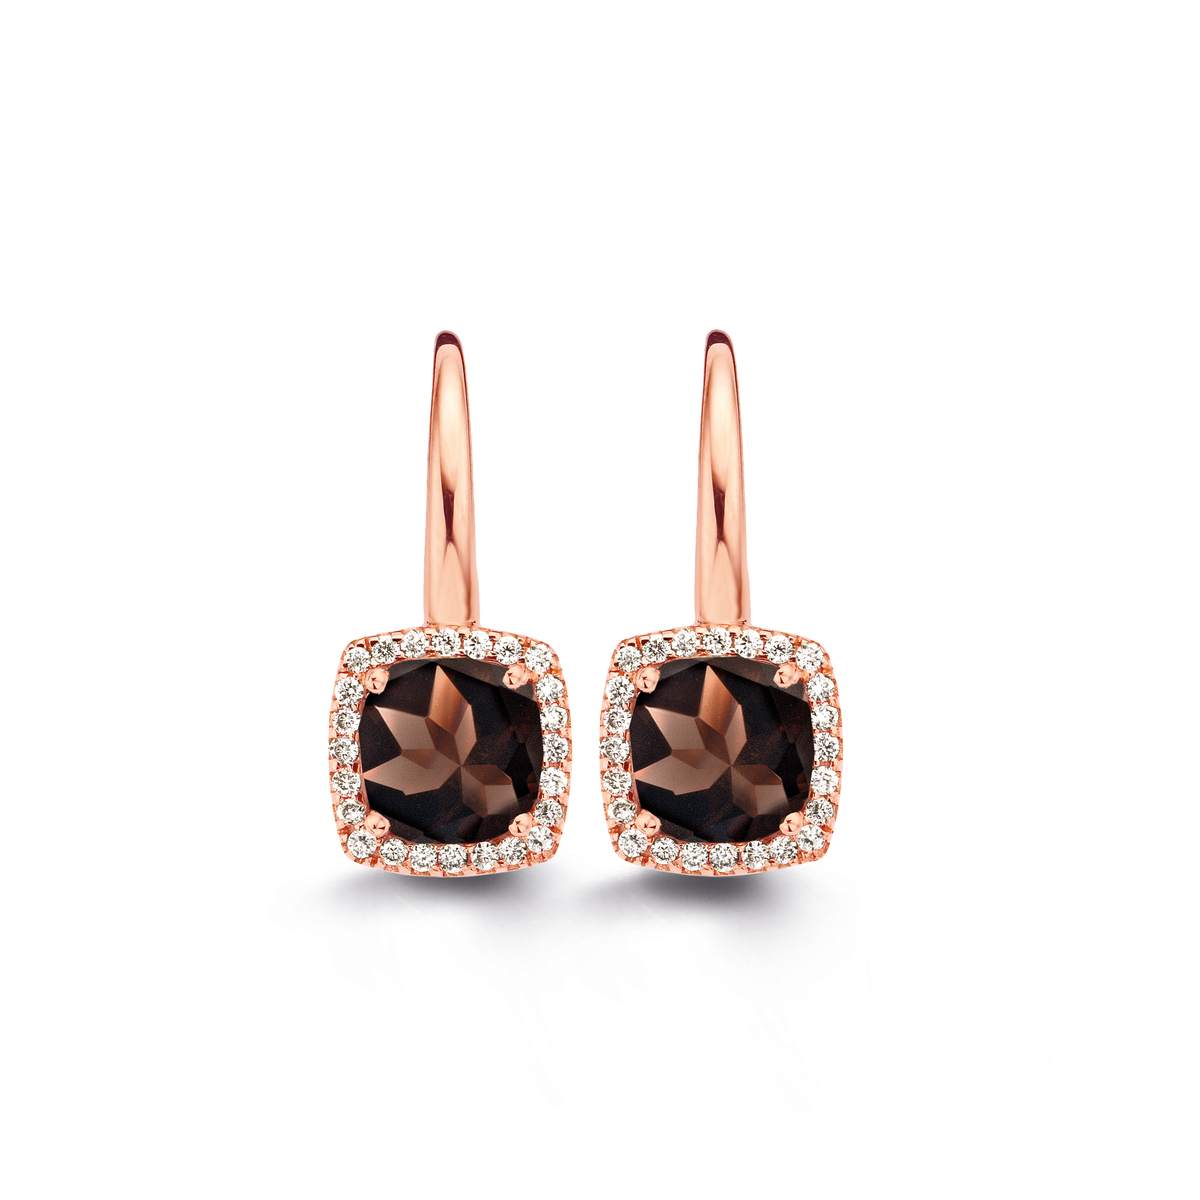 etna earrings in rose gold